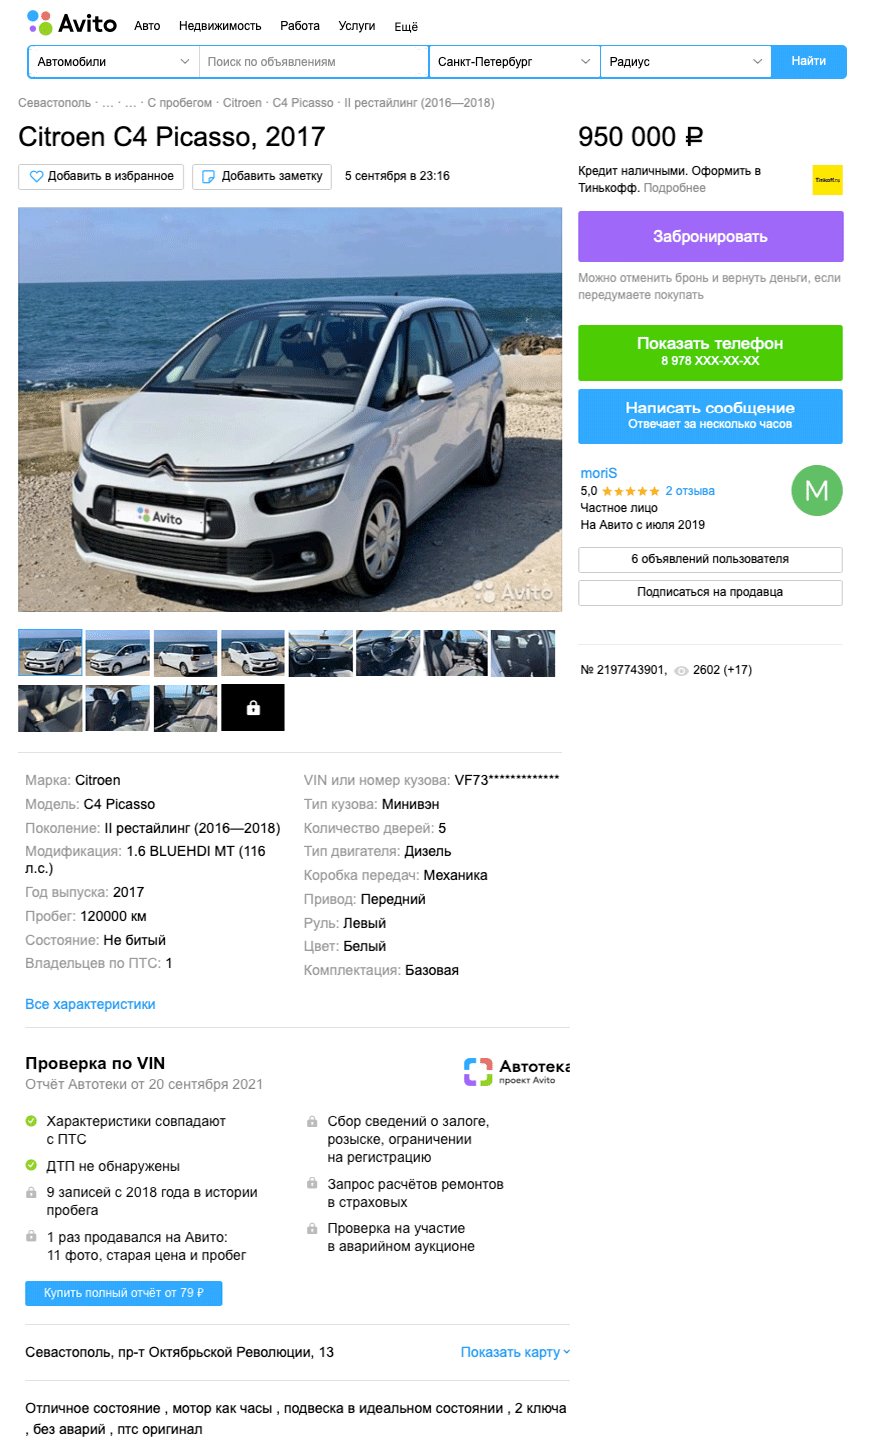 Настоящий вэн по цене Ларгуса: стоит ли покупать Citroen C4 Picasso II за 1 миллион рублей